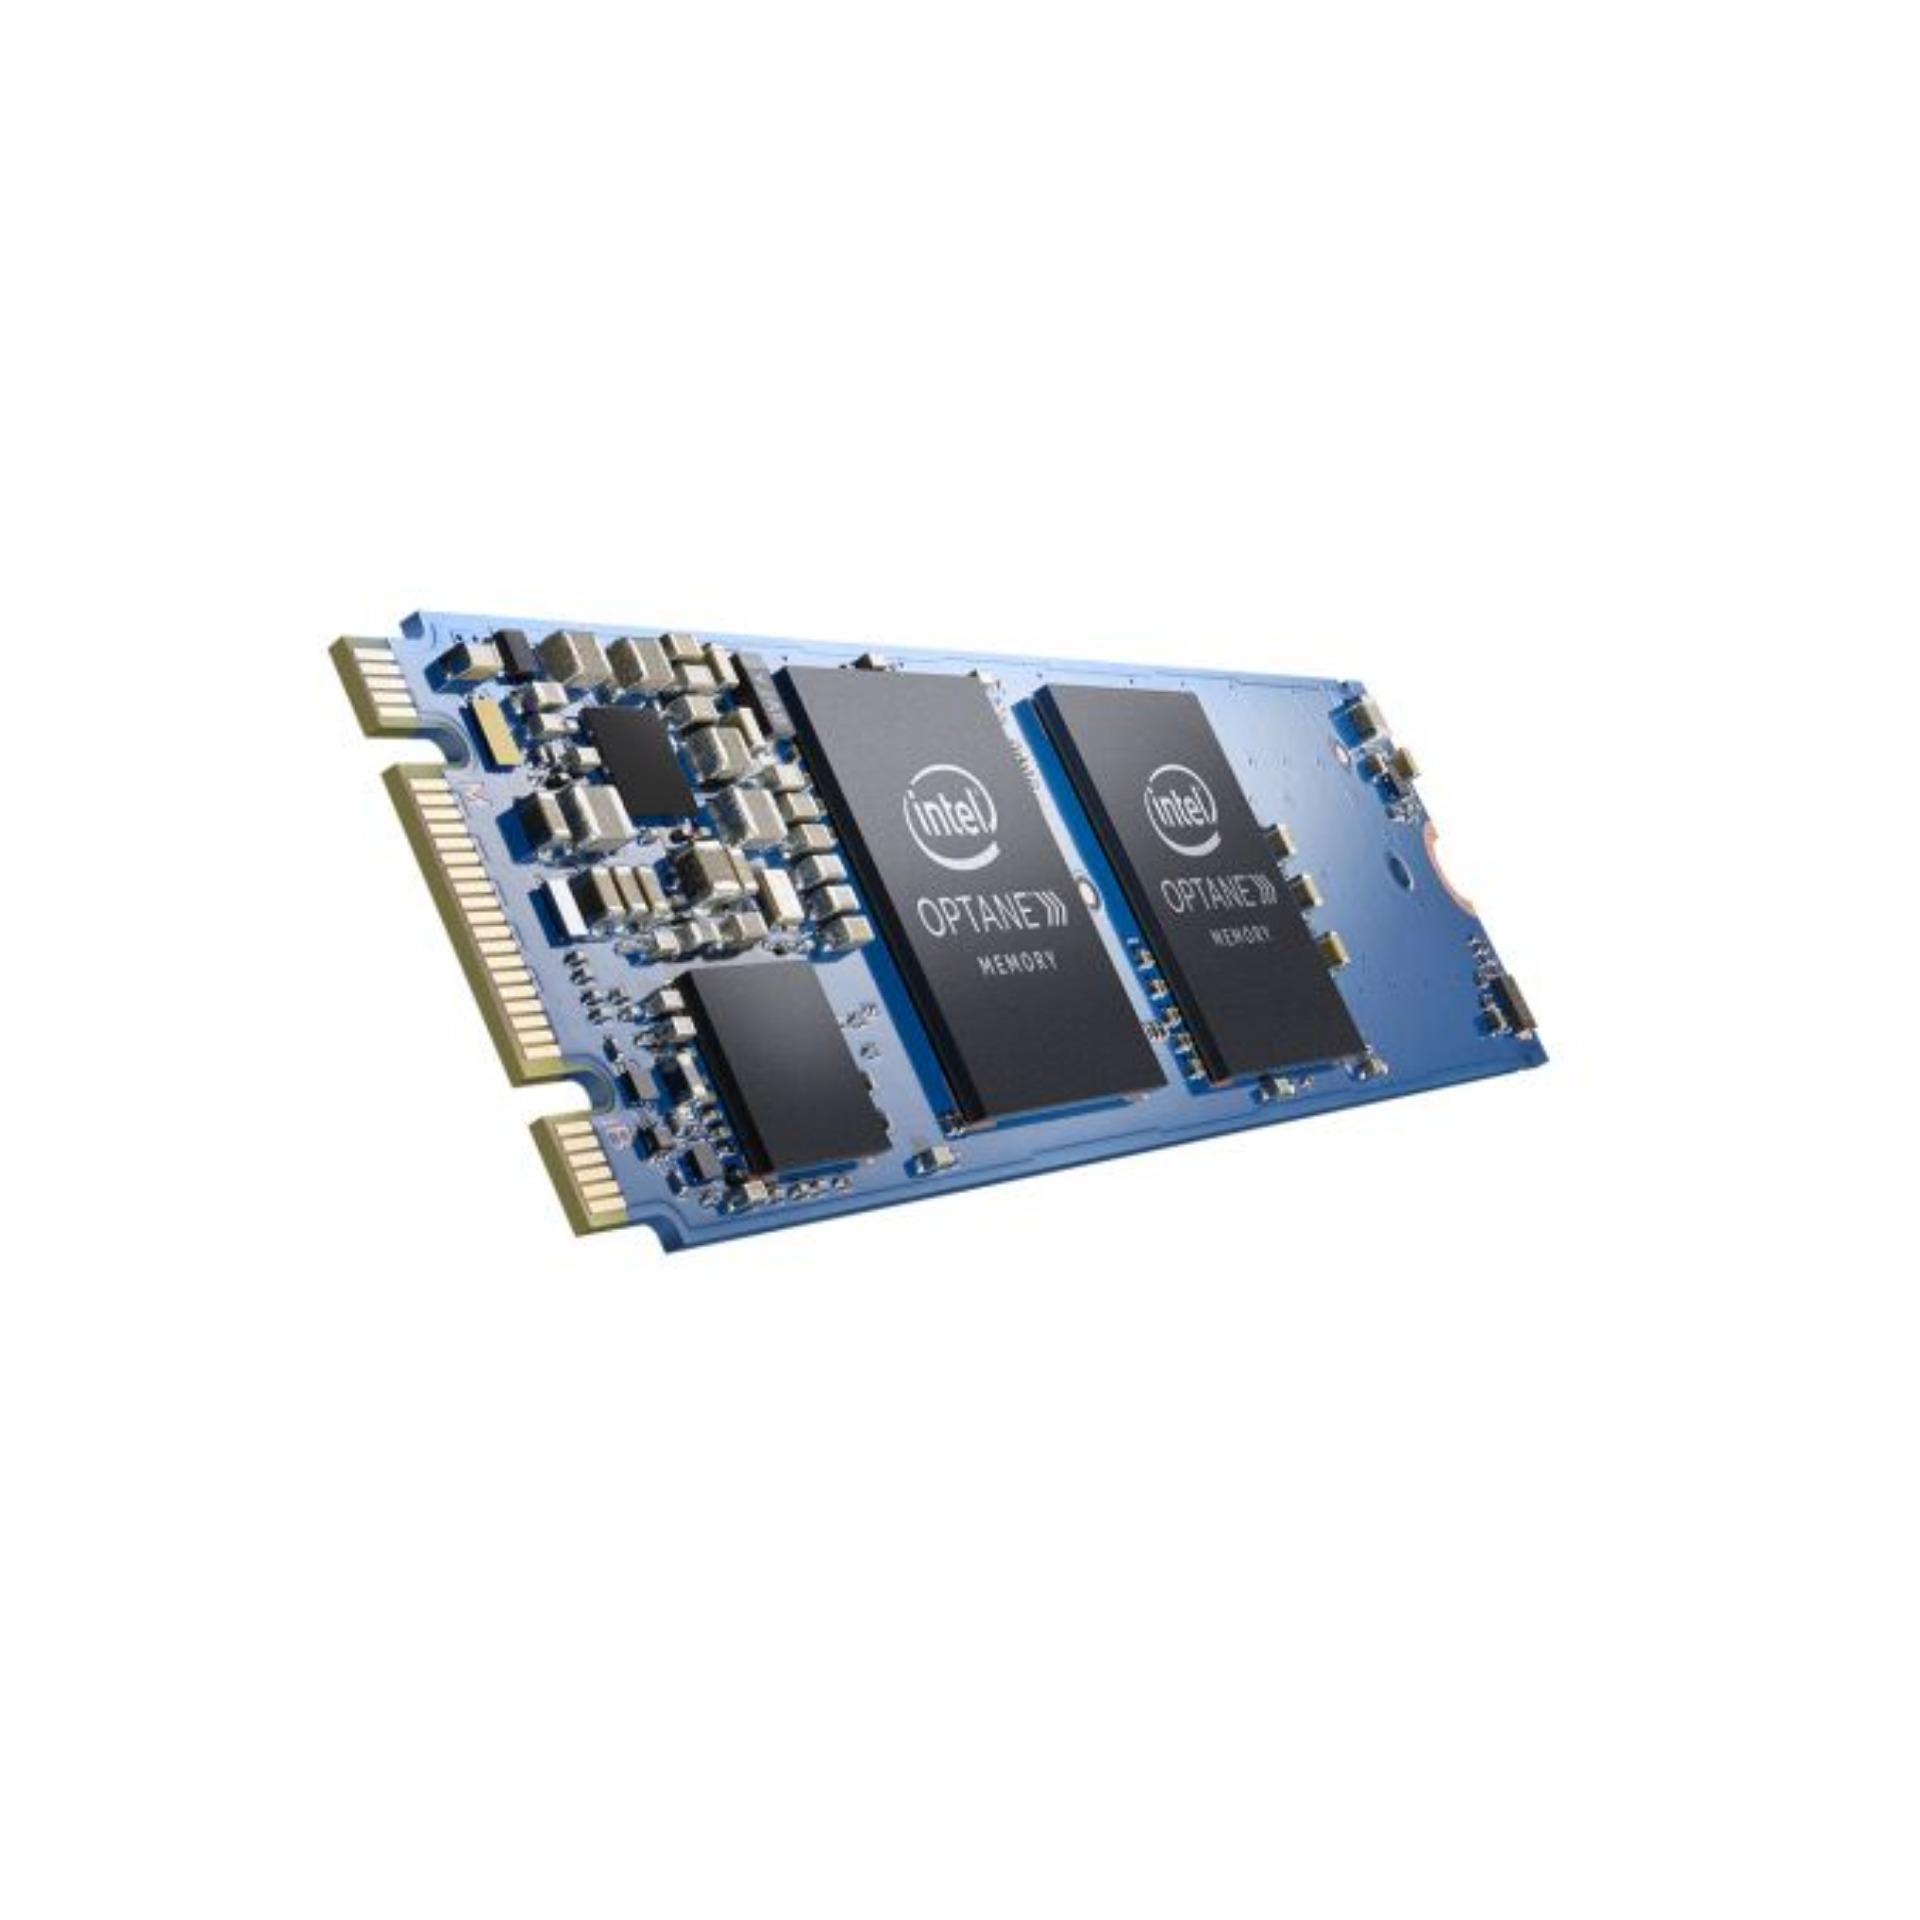 Chiết Khấu Ssd M2 Pcie 2280 Intel Optane Nvme 16Gb Intel